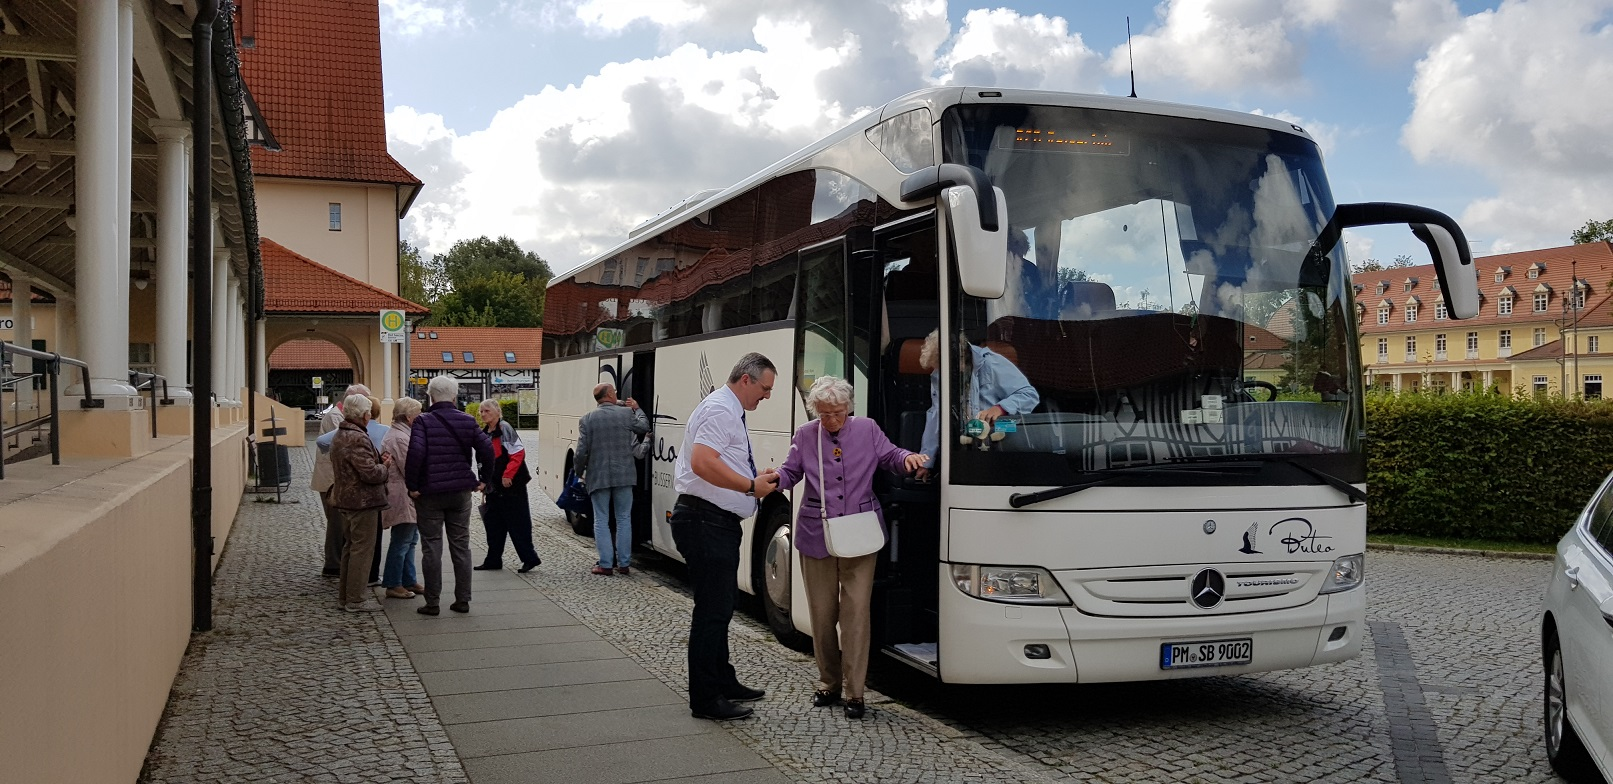 B1-Unser Reisebus vorn Irmgard Kattwinkel, mit 99 Jahren, die älteste Mitreisende